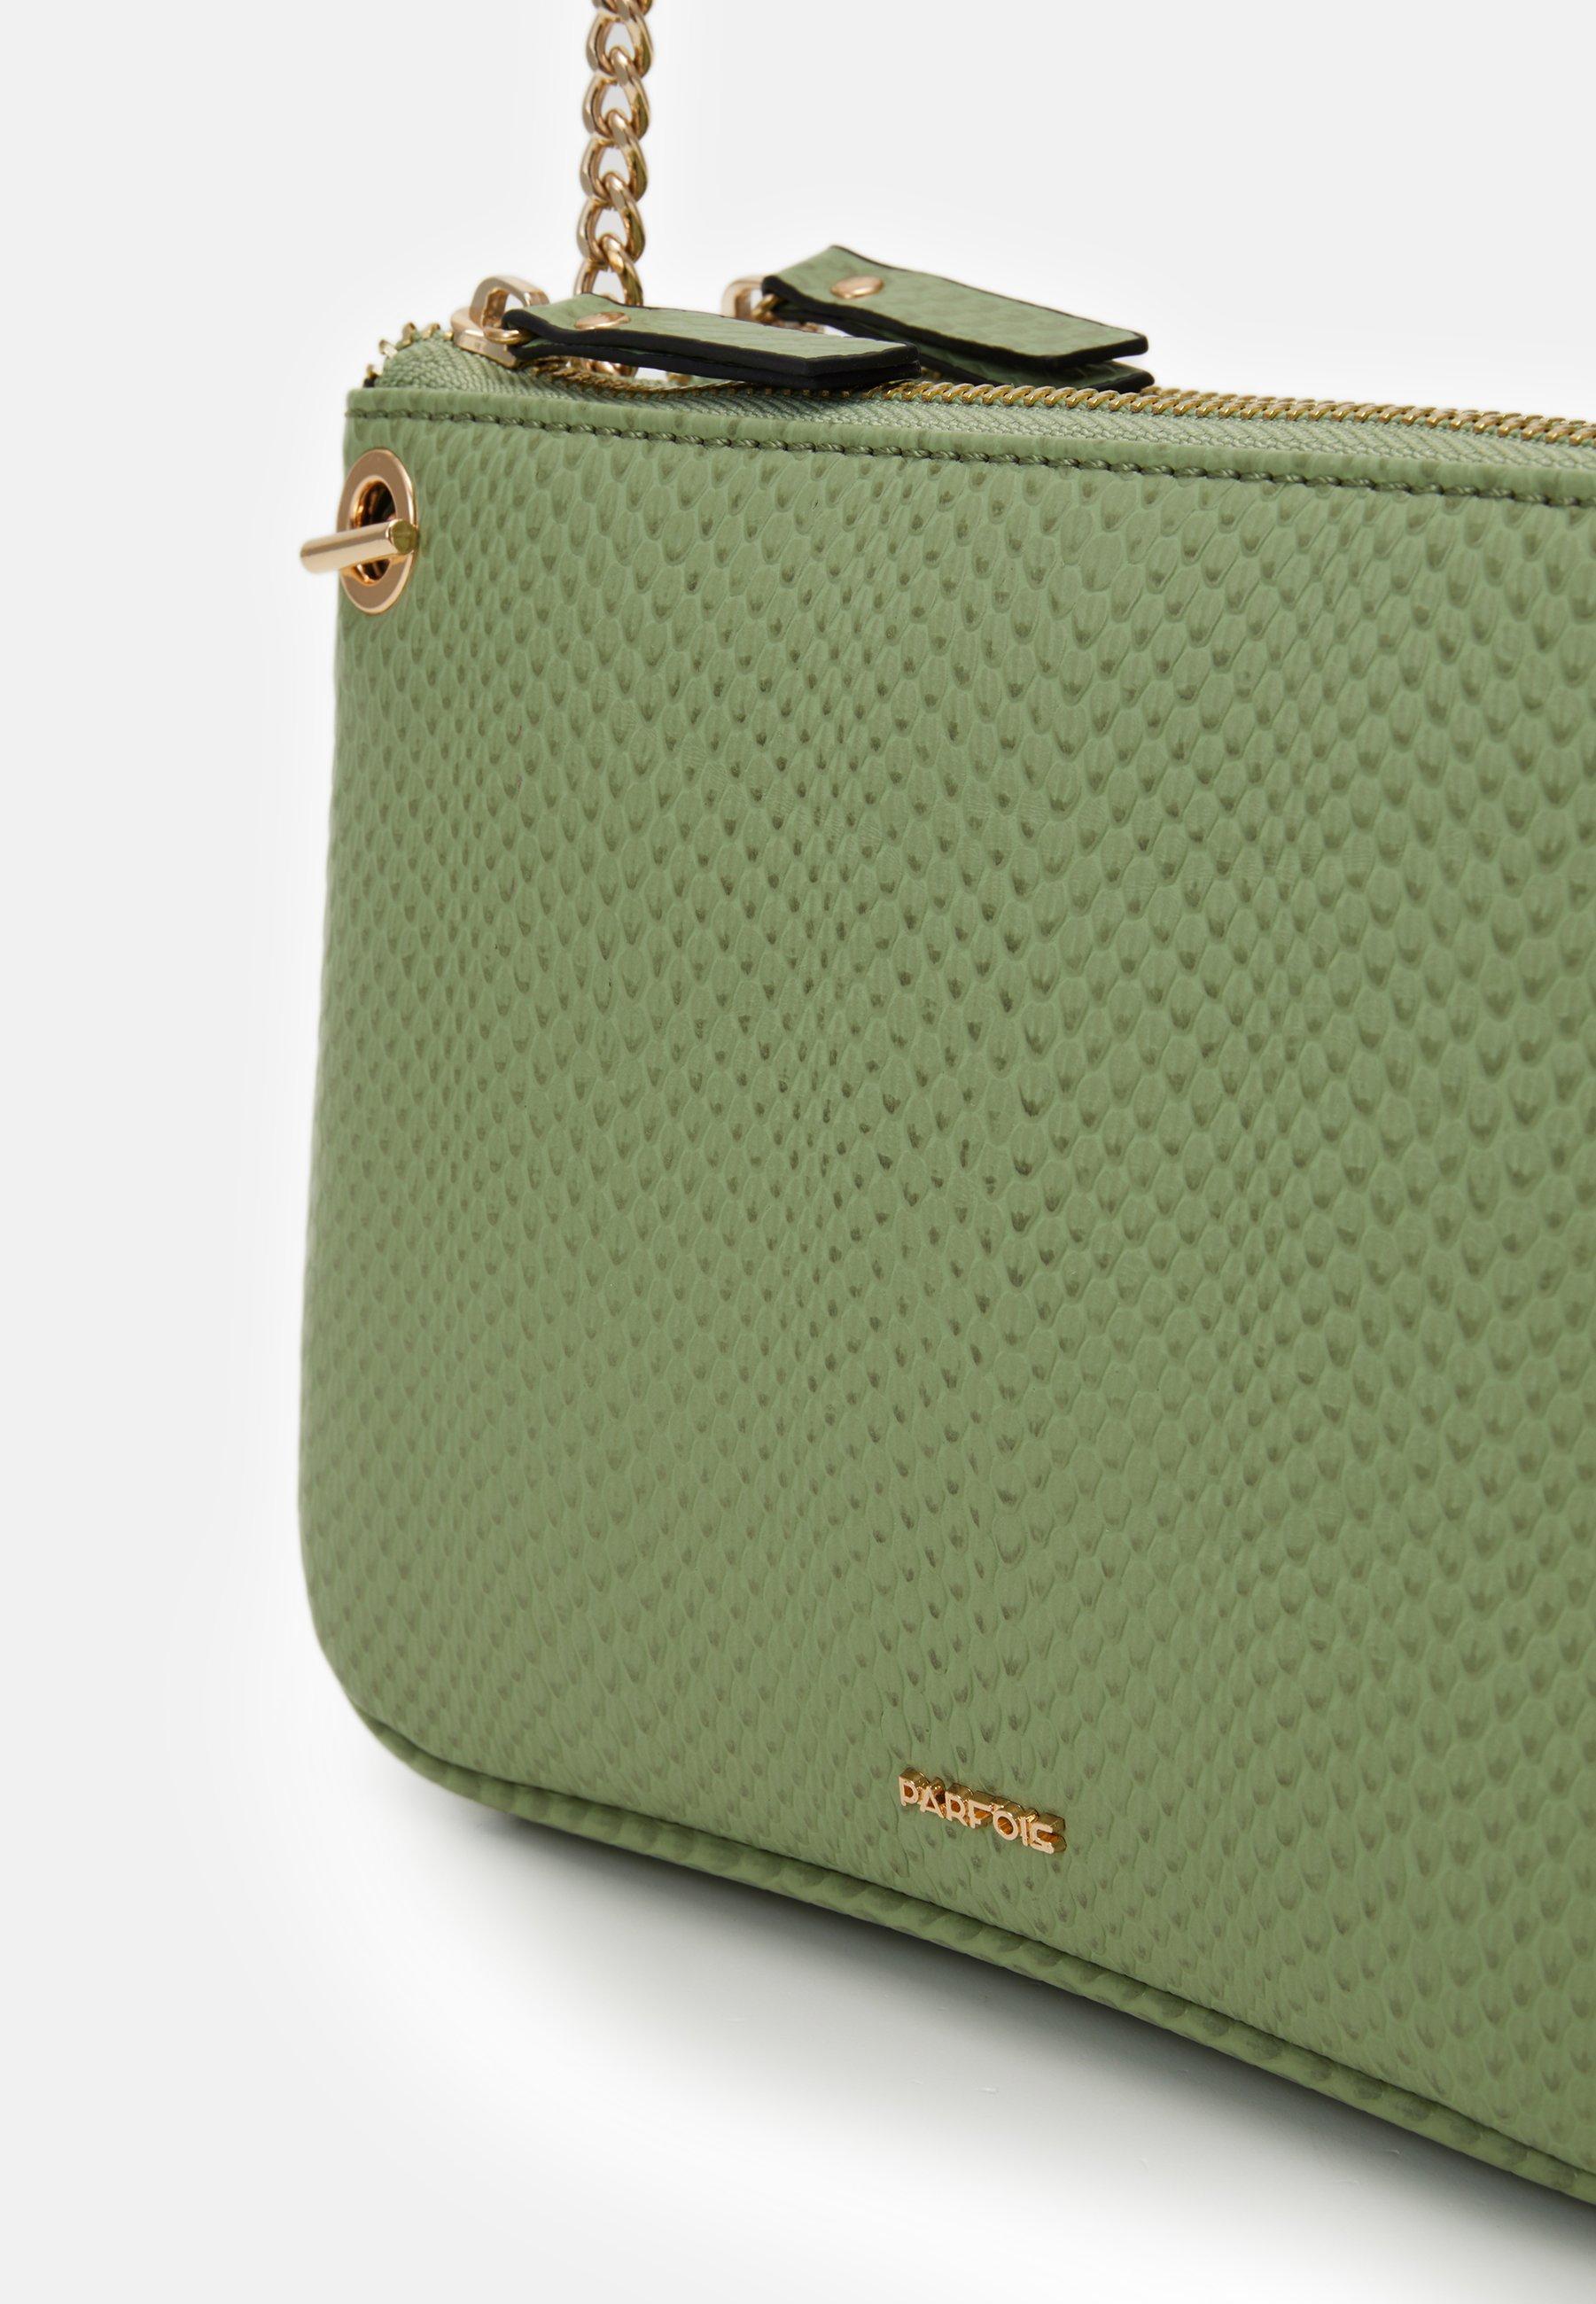 PARFOIS Skulderveske - green/grønn iGyRJu29BcYlhpX